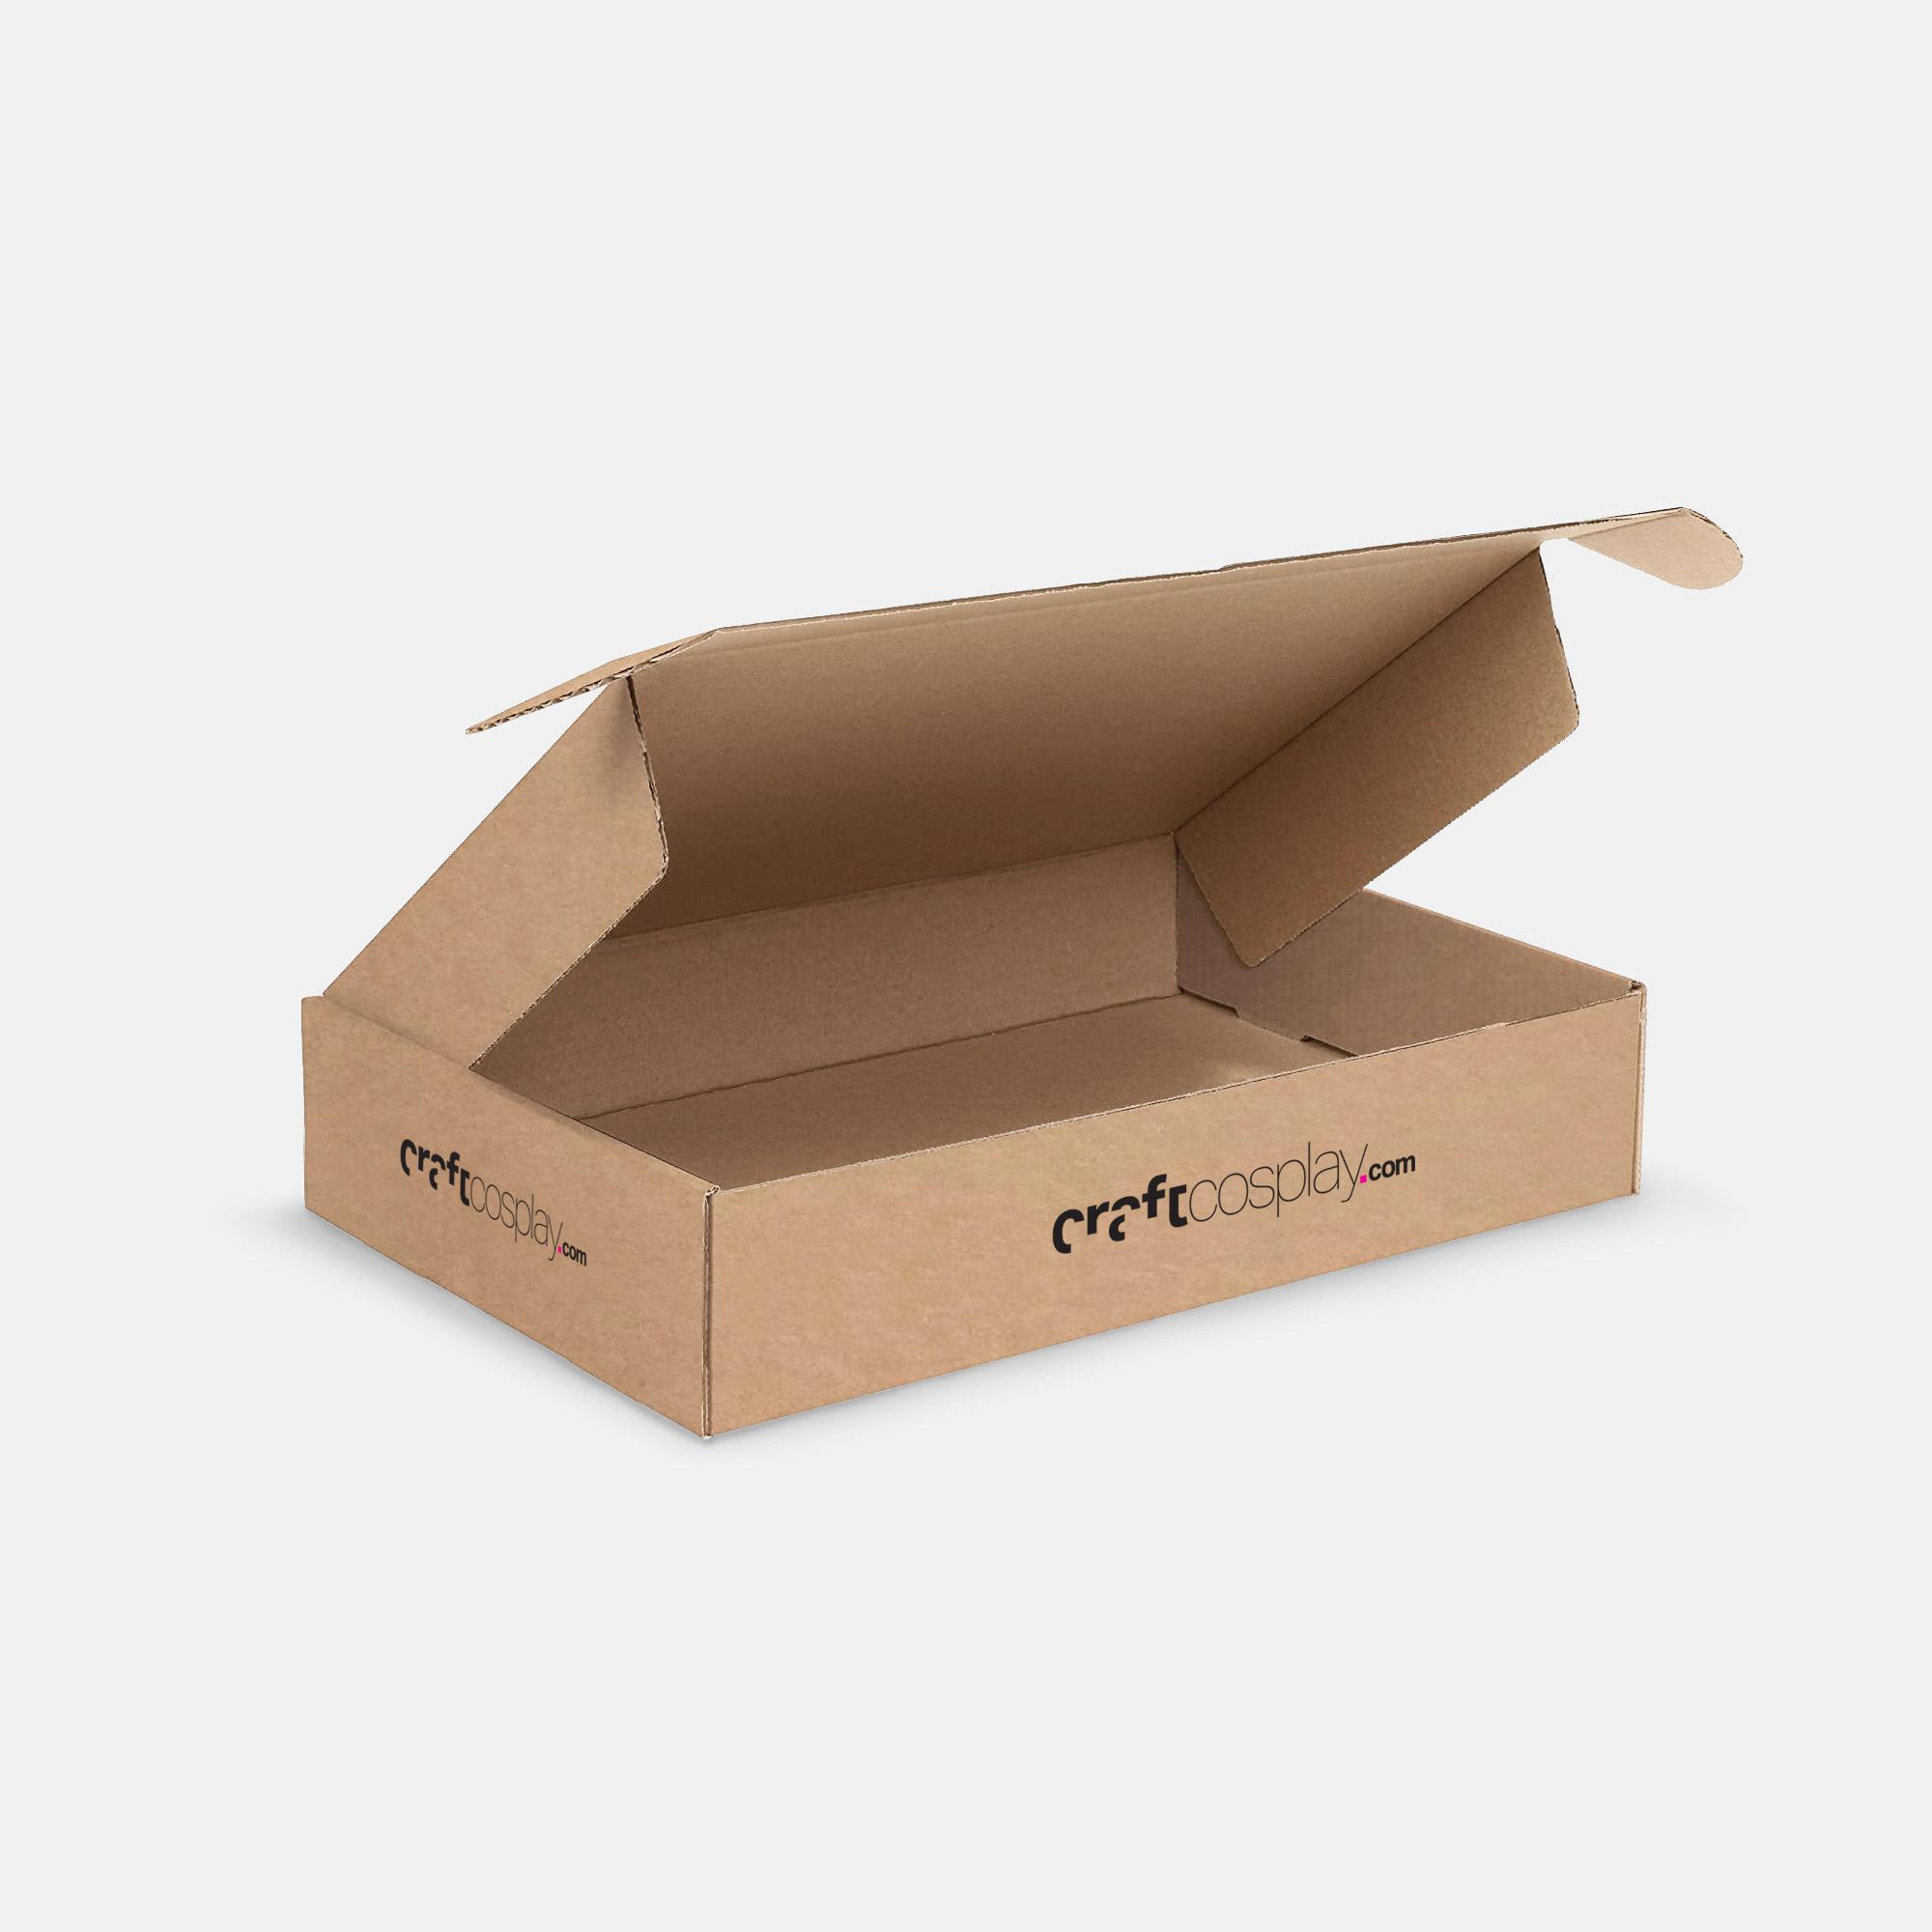 Foam Build Kit Box